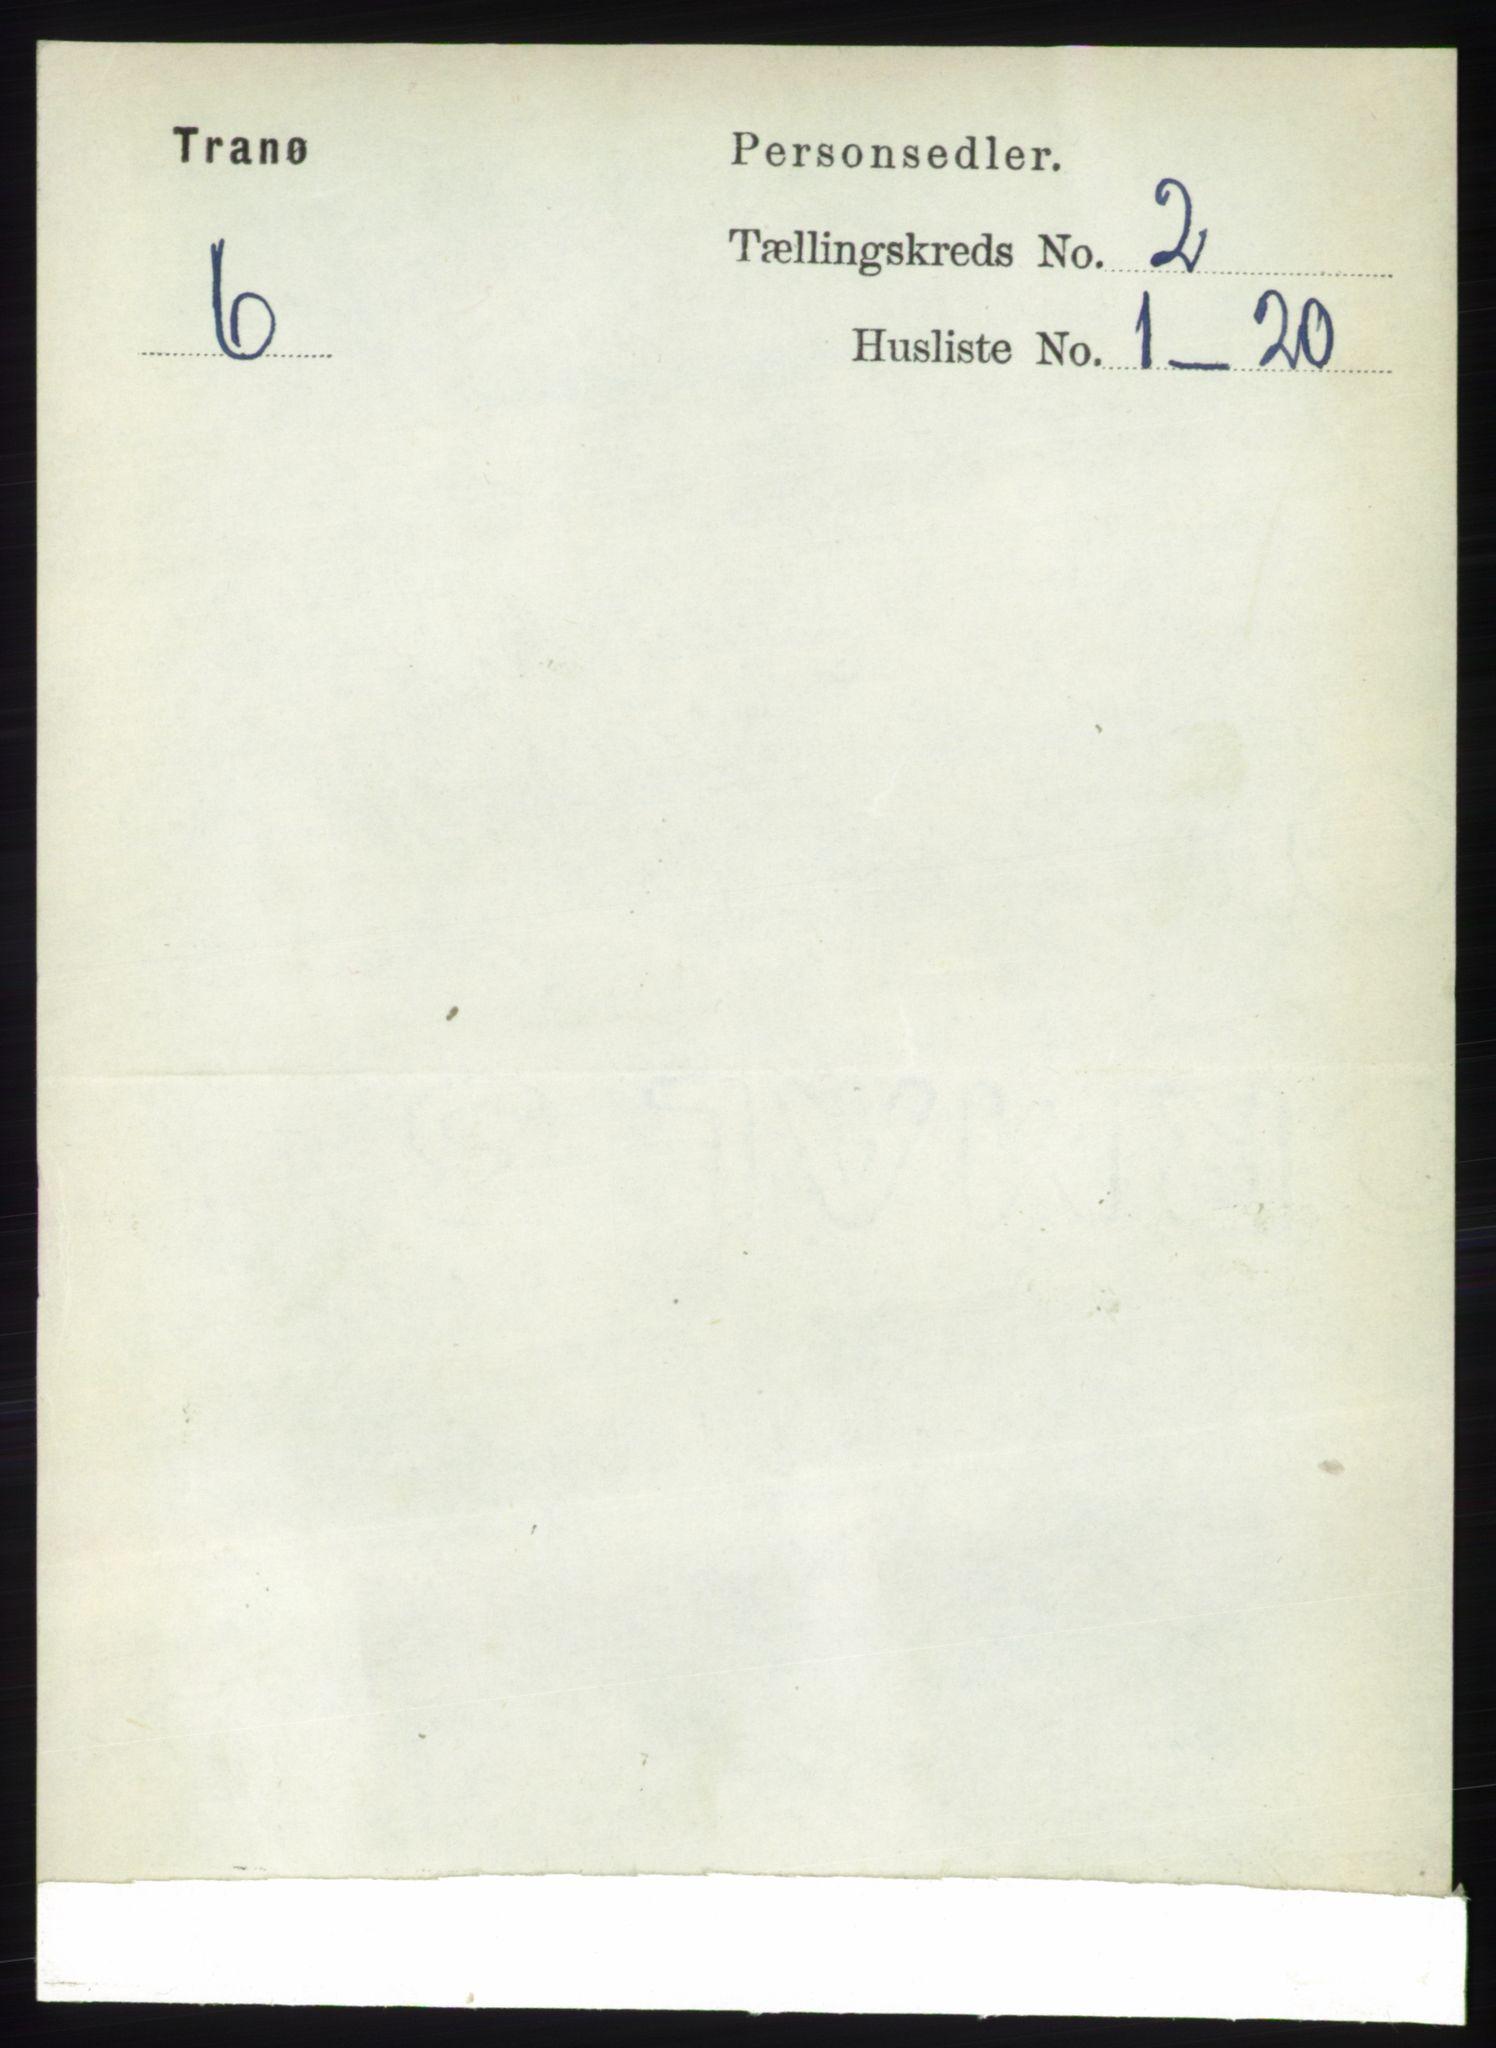 RA, Folketelling 1891 for 1927 Tranøy herred, 1891, s. 480